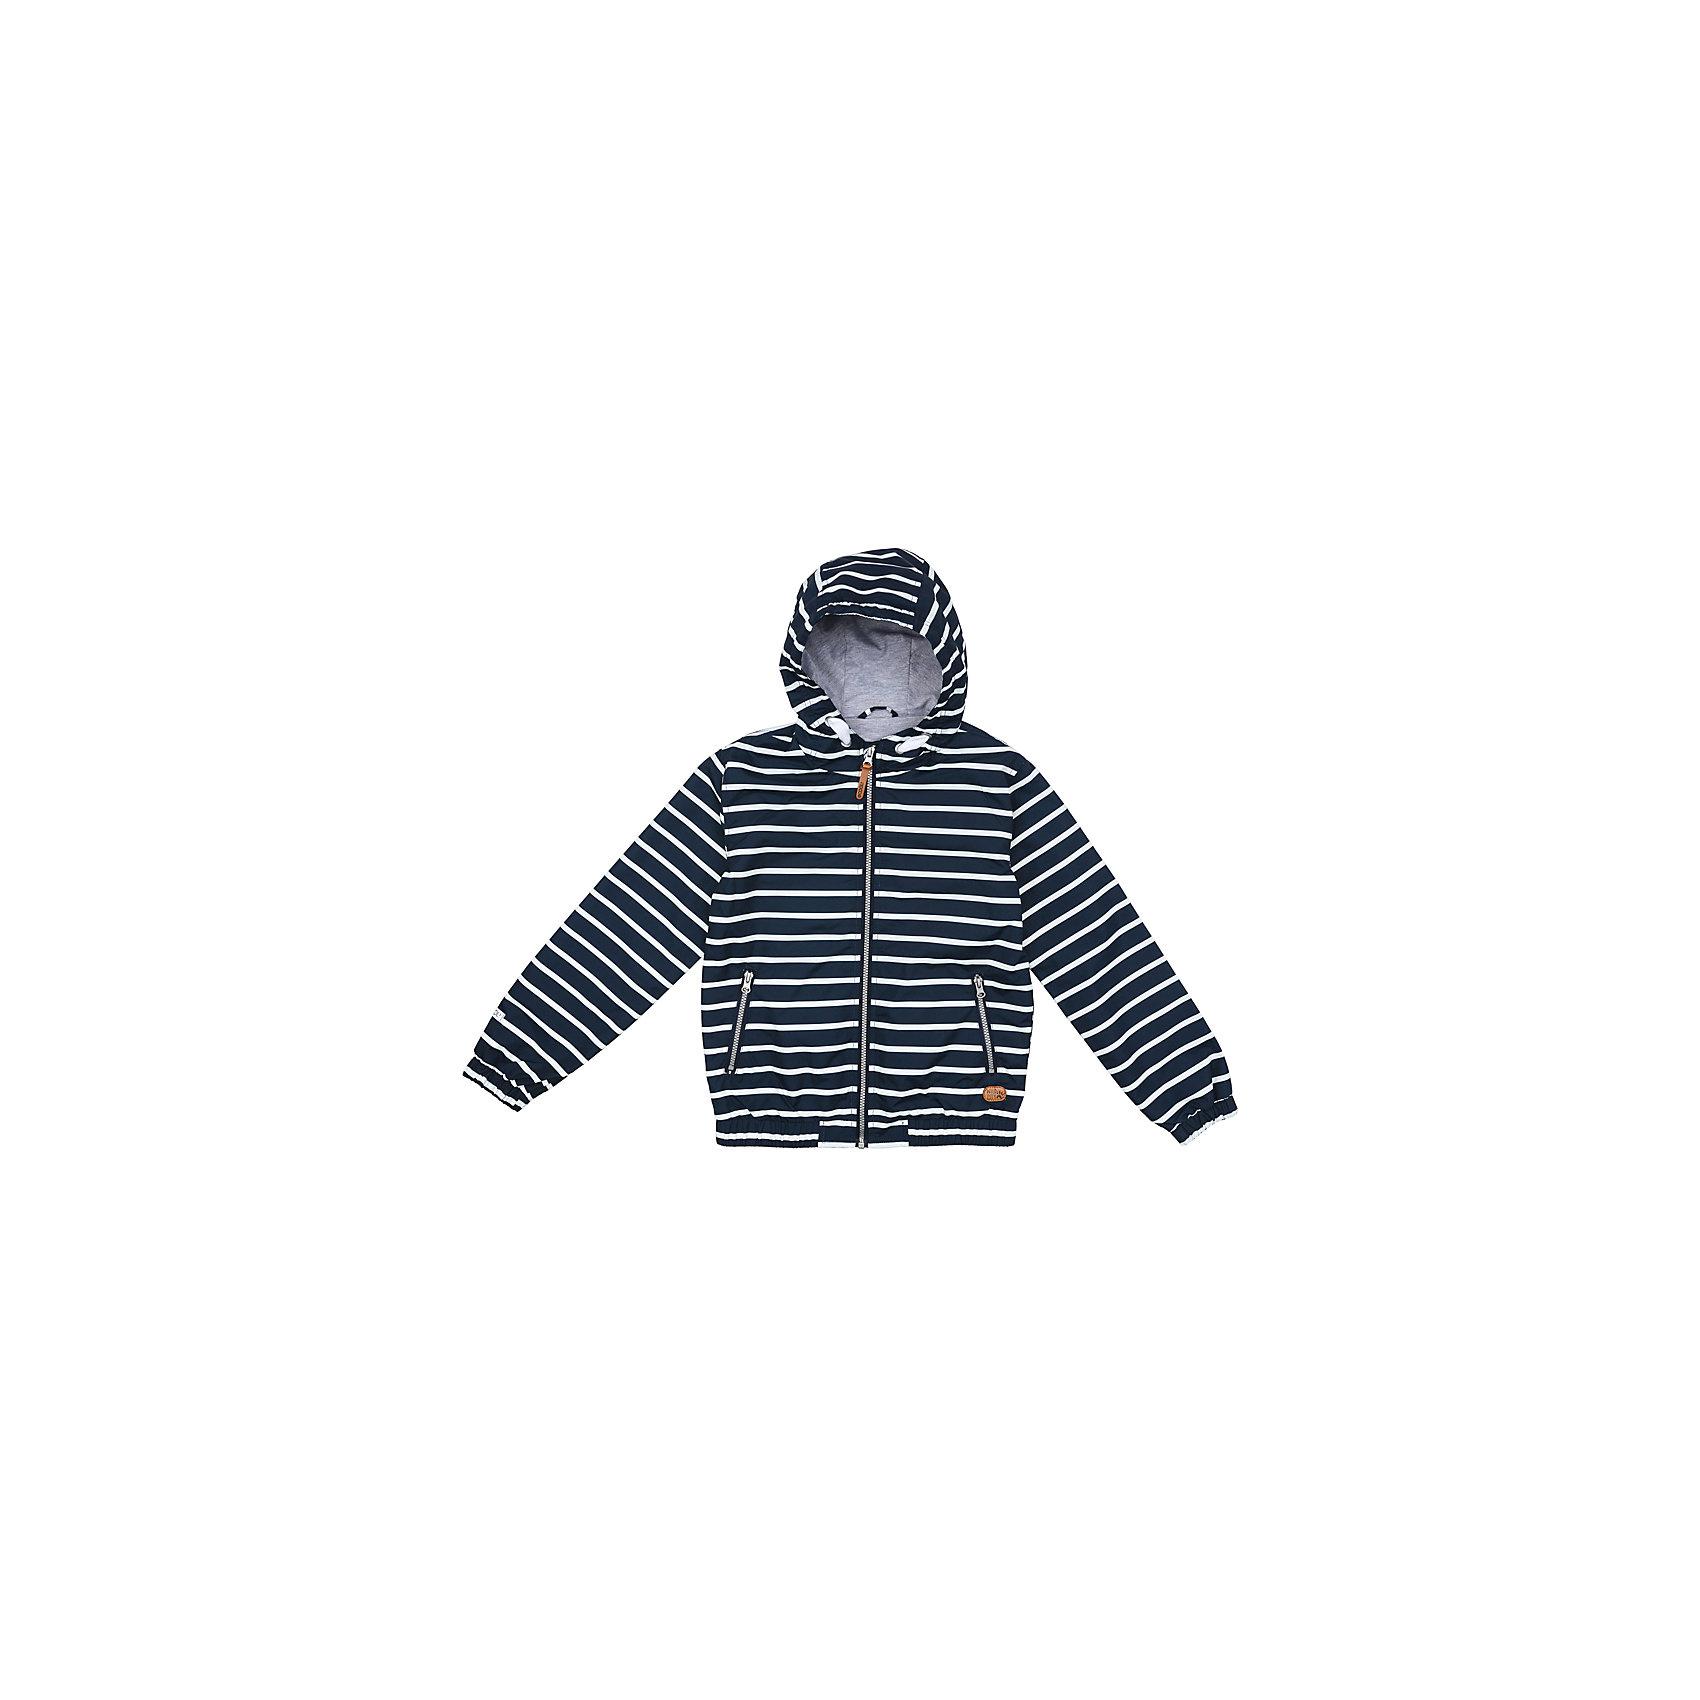 Куртка для мальчика ScoolПолоска<br>Характеристики товара:<br><br>• цвет: синий/белый<br>• состав: 100% полиэстер<br>• подкладка: 65% полиэстер, 35% хлопок<br>• без утеплителя<br>• температурный режим: от +10°С до +20°С<br>• сезон: демисезон<br>• защита подбородка от молнии<br>• водоотталкивающая пропитка<br>• удобные карманы<br>• мягкие эластичные манжеты<br>• светоотражатели на рукаве и по низу изделия<br>• капюшон с регулируемым шнурком-кулиской<br>• страна бренда: Германия<br>• страна производства: Китай<br><br>Демисезонная куртка для мальчика Scool. Куртка на молнии со специальной водоотталкивающей пропиткой защитит ребенка в любую погоду! Специальный карман для фиксации застежки - молнии не позволит застежке травмировать нежную кожу ребенка. Мягкие резинки на рукавах и по низу изделия защитят ребенка - ветер не сможет проникнуть под куртку. <br><br>Модель с регулируемым шнуром - кулиской на капюшоне - даже во время активных игр капюшон не упадет с головы ребенка. Модель на подкладке из натурального материала. Подойдет даже для самых активных детей - подкладка хорошо впитывает влагу.<br><br>Куртку для мальчика от известного бренда Scool можно купить в нашем интернет-магазине.<br><br>Ширина мм: 356<br>Глубина мм: 10<br>Высота мм: 245<br>Вес г: 519<br>Цвет: белый<br>Возраст от месяцев: 156<br>Возраст до месяцев: 168<br>Пол: Мужской<br>Возраст: Детский<br>Размер: 164,134,140,146,152,158<br>SKU: 5406651